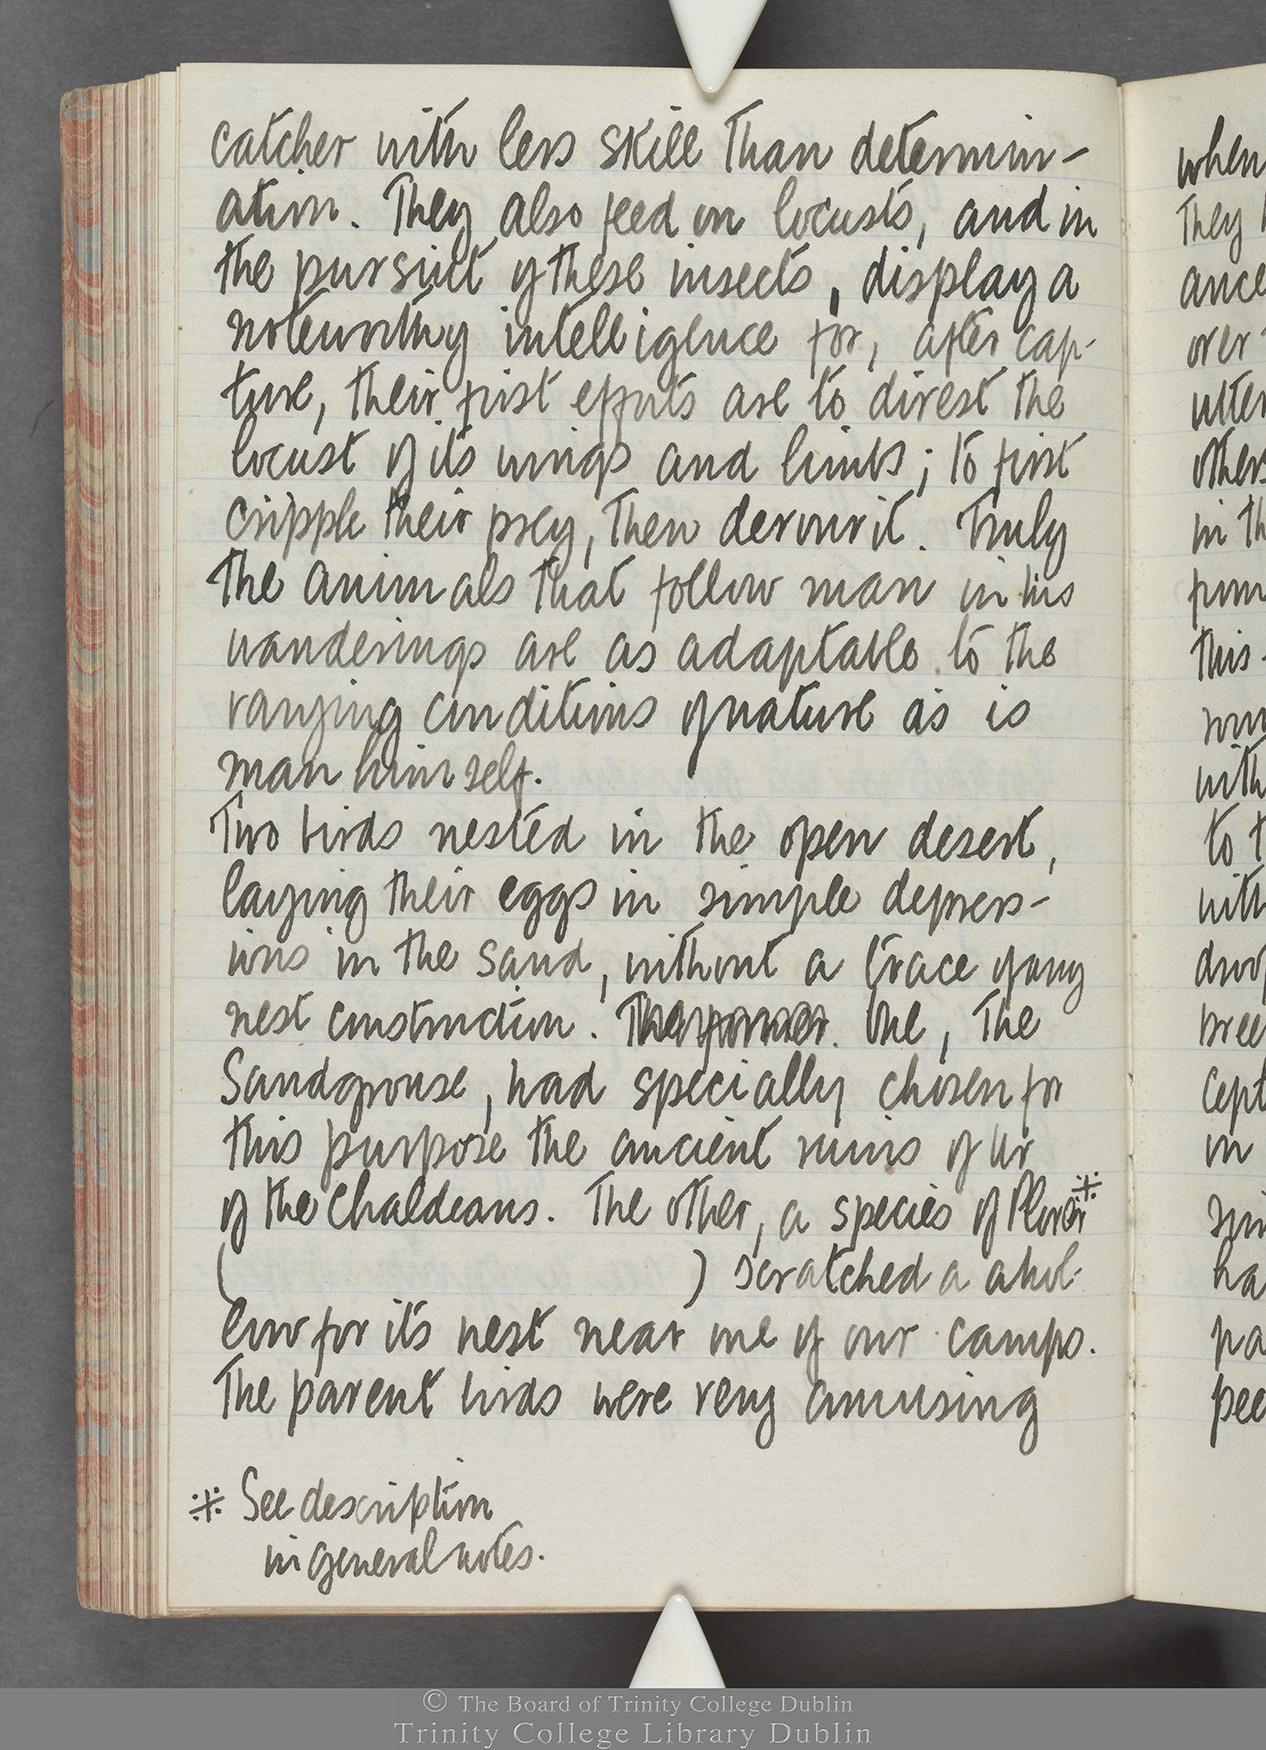 TCD MS 10515 folio 83 verso